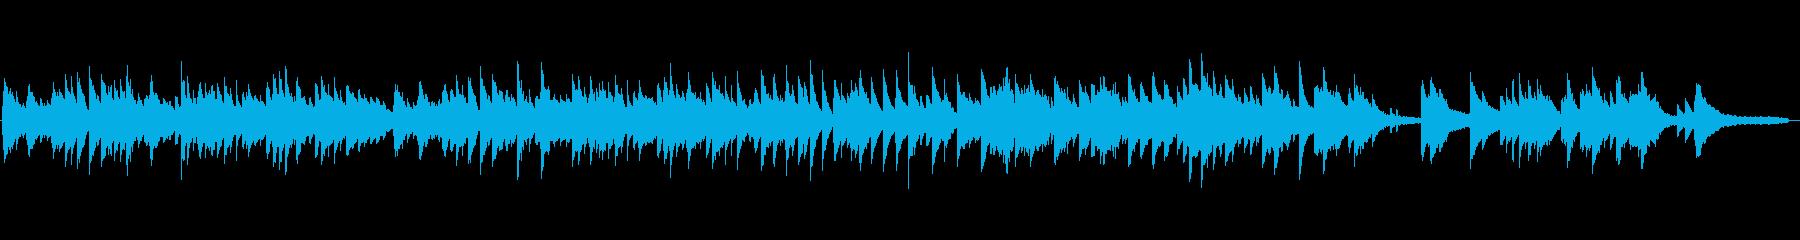 2分の切ないピアノソロ(スタインウェイの再生済みの波形